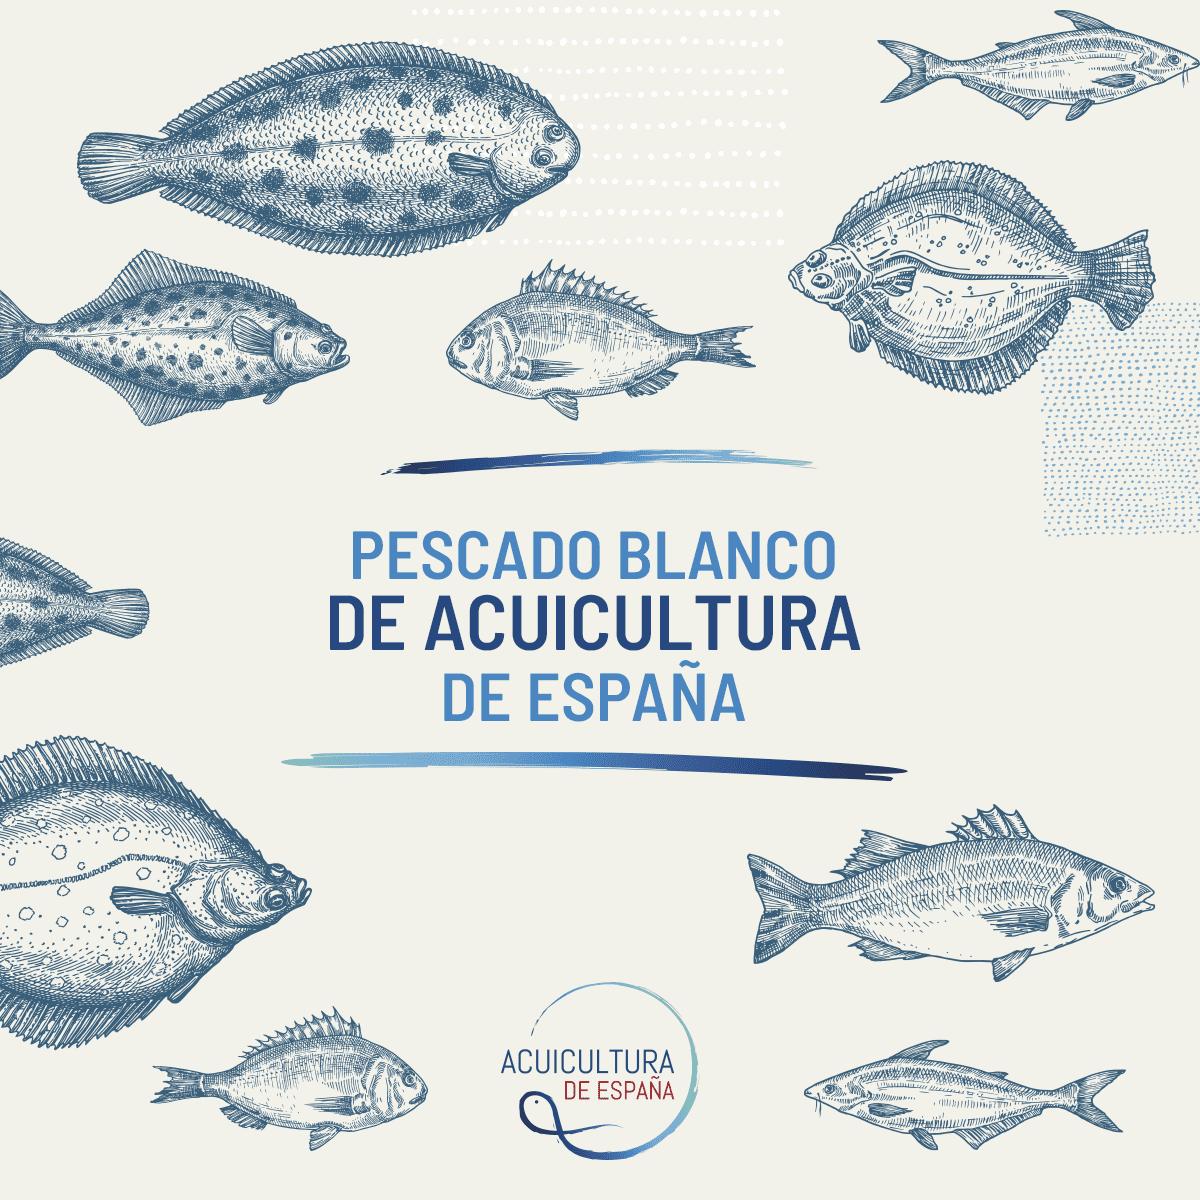 pescado blanco de acuicultura de españa